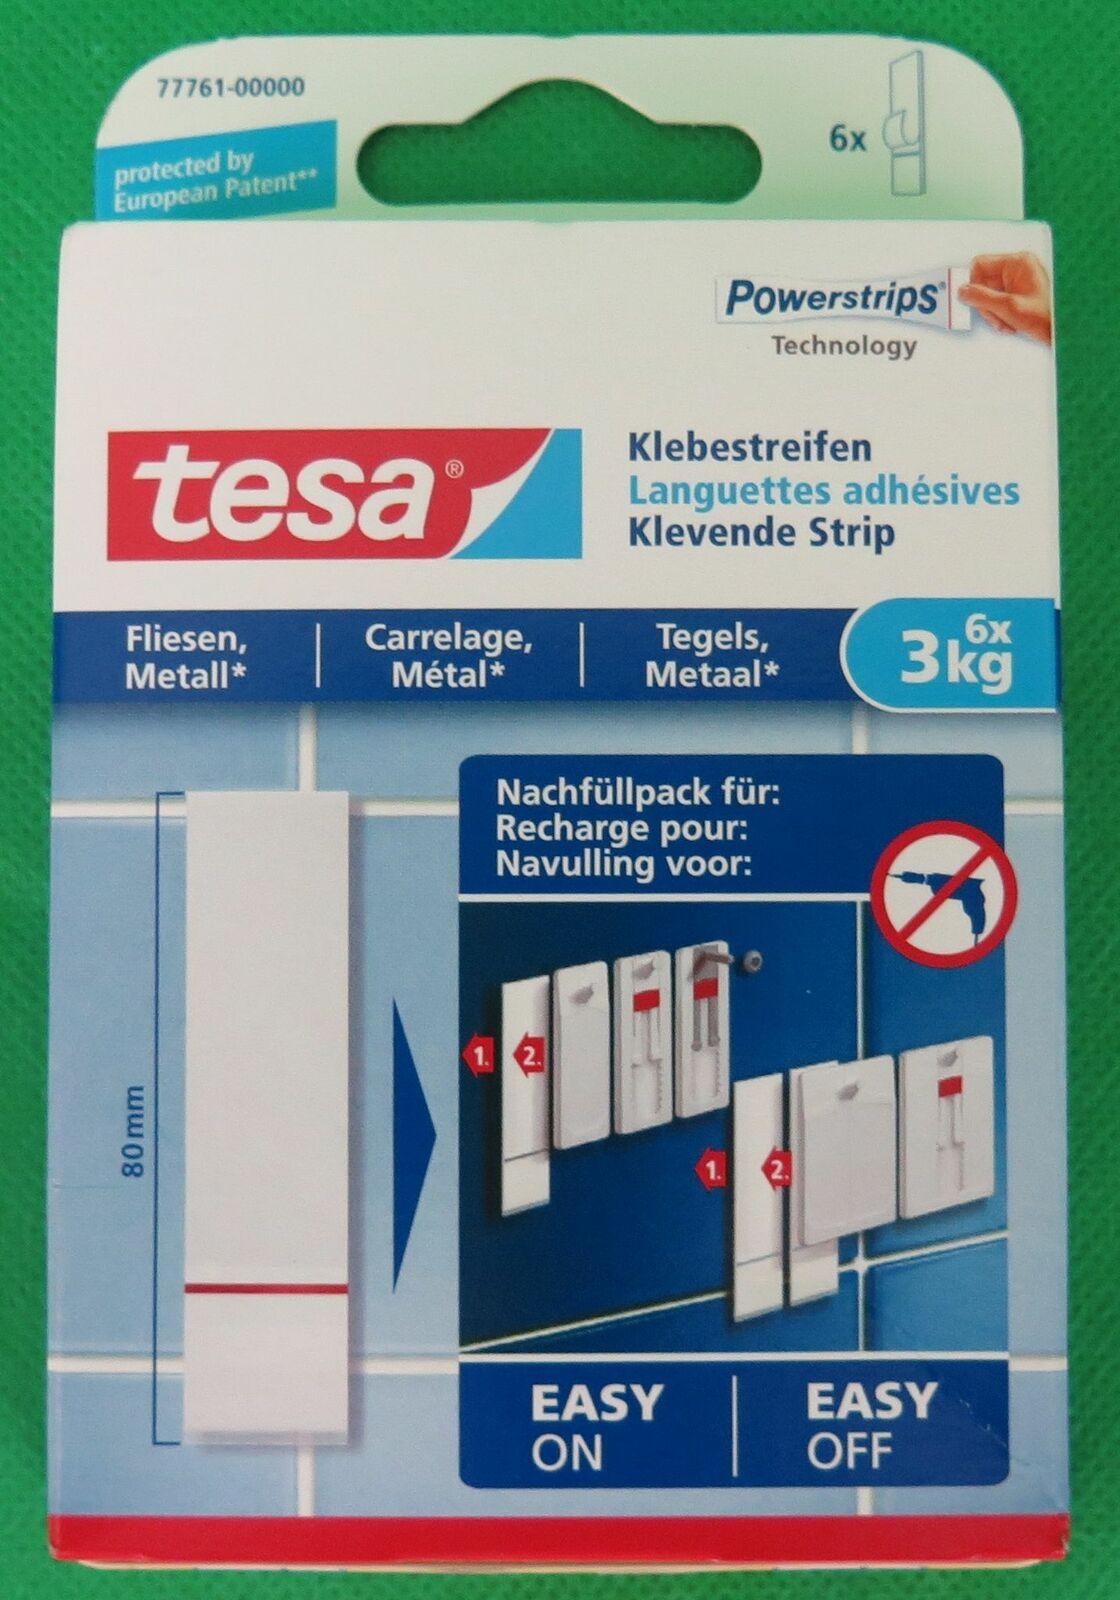 tesa Klebestreifen bis 3kg 77761 geeignet für Fliesen und Metall 6 Stück